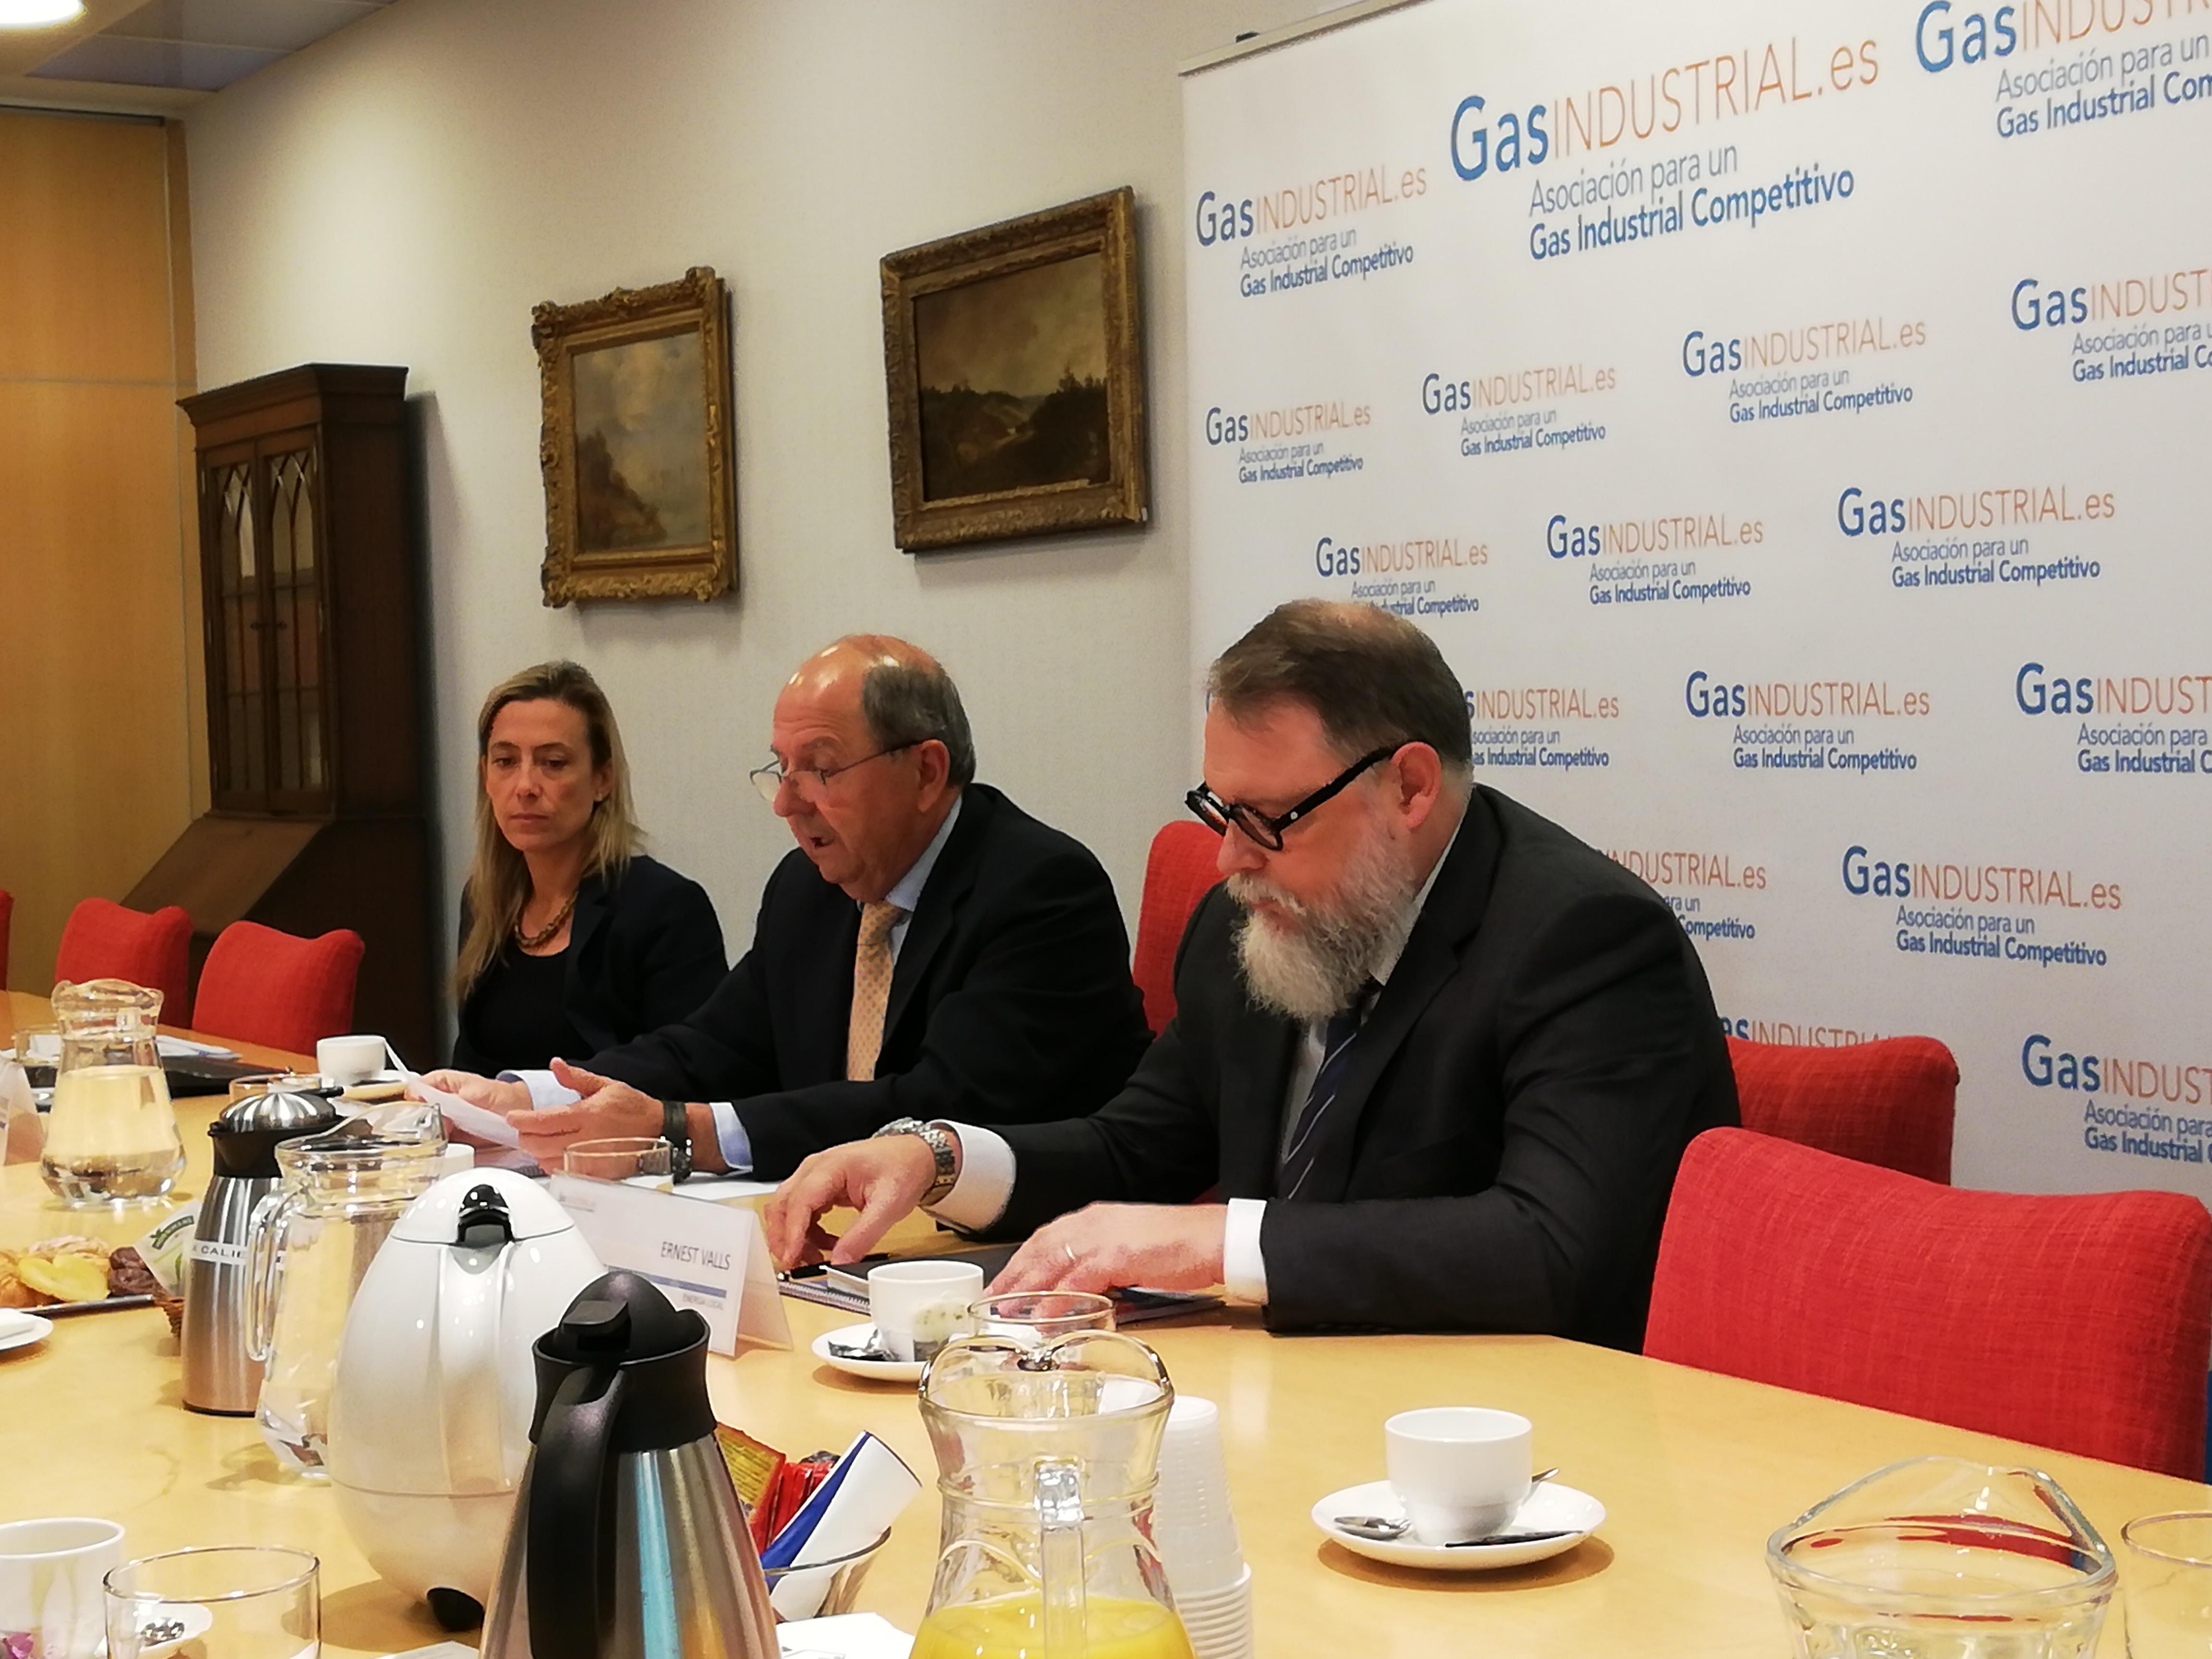 consumo industrial de gas